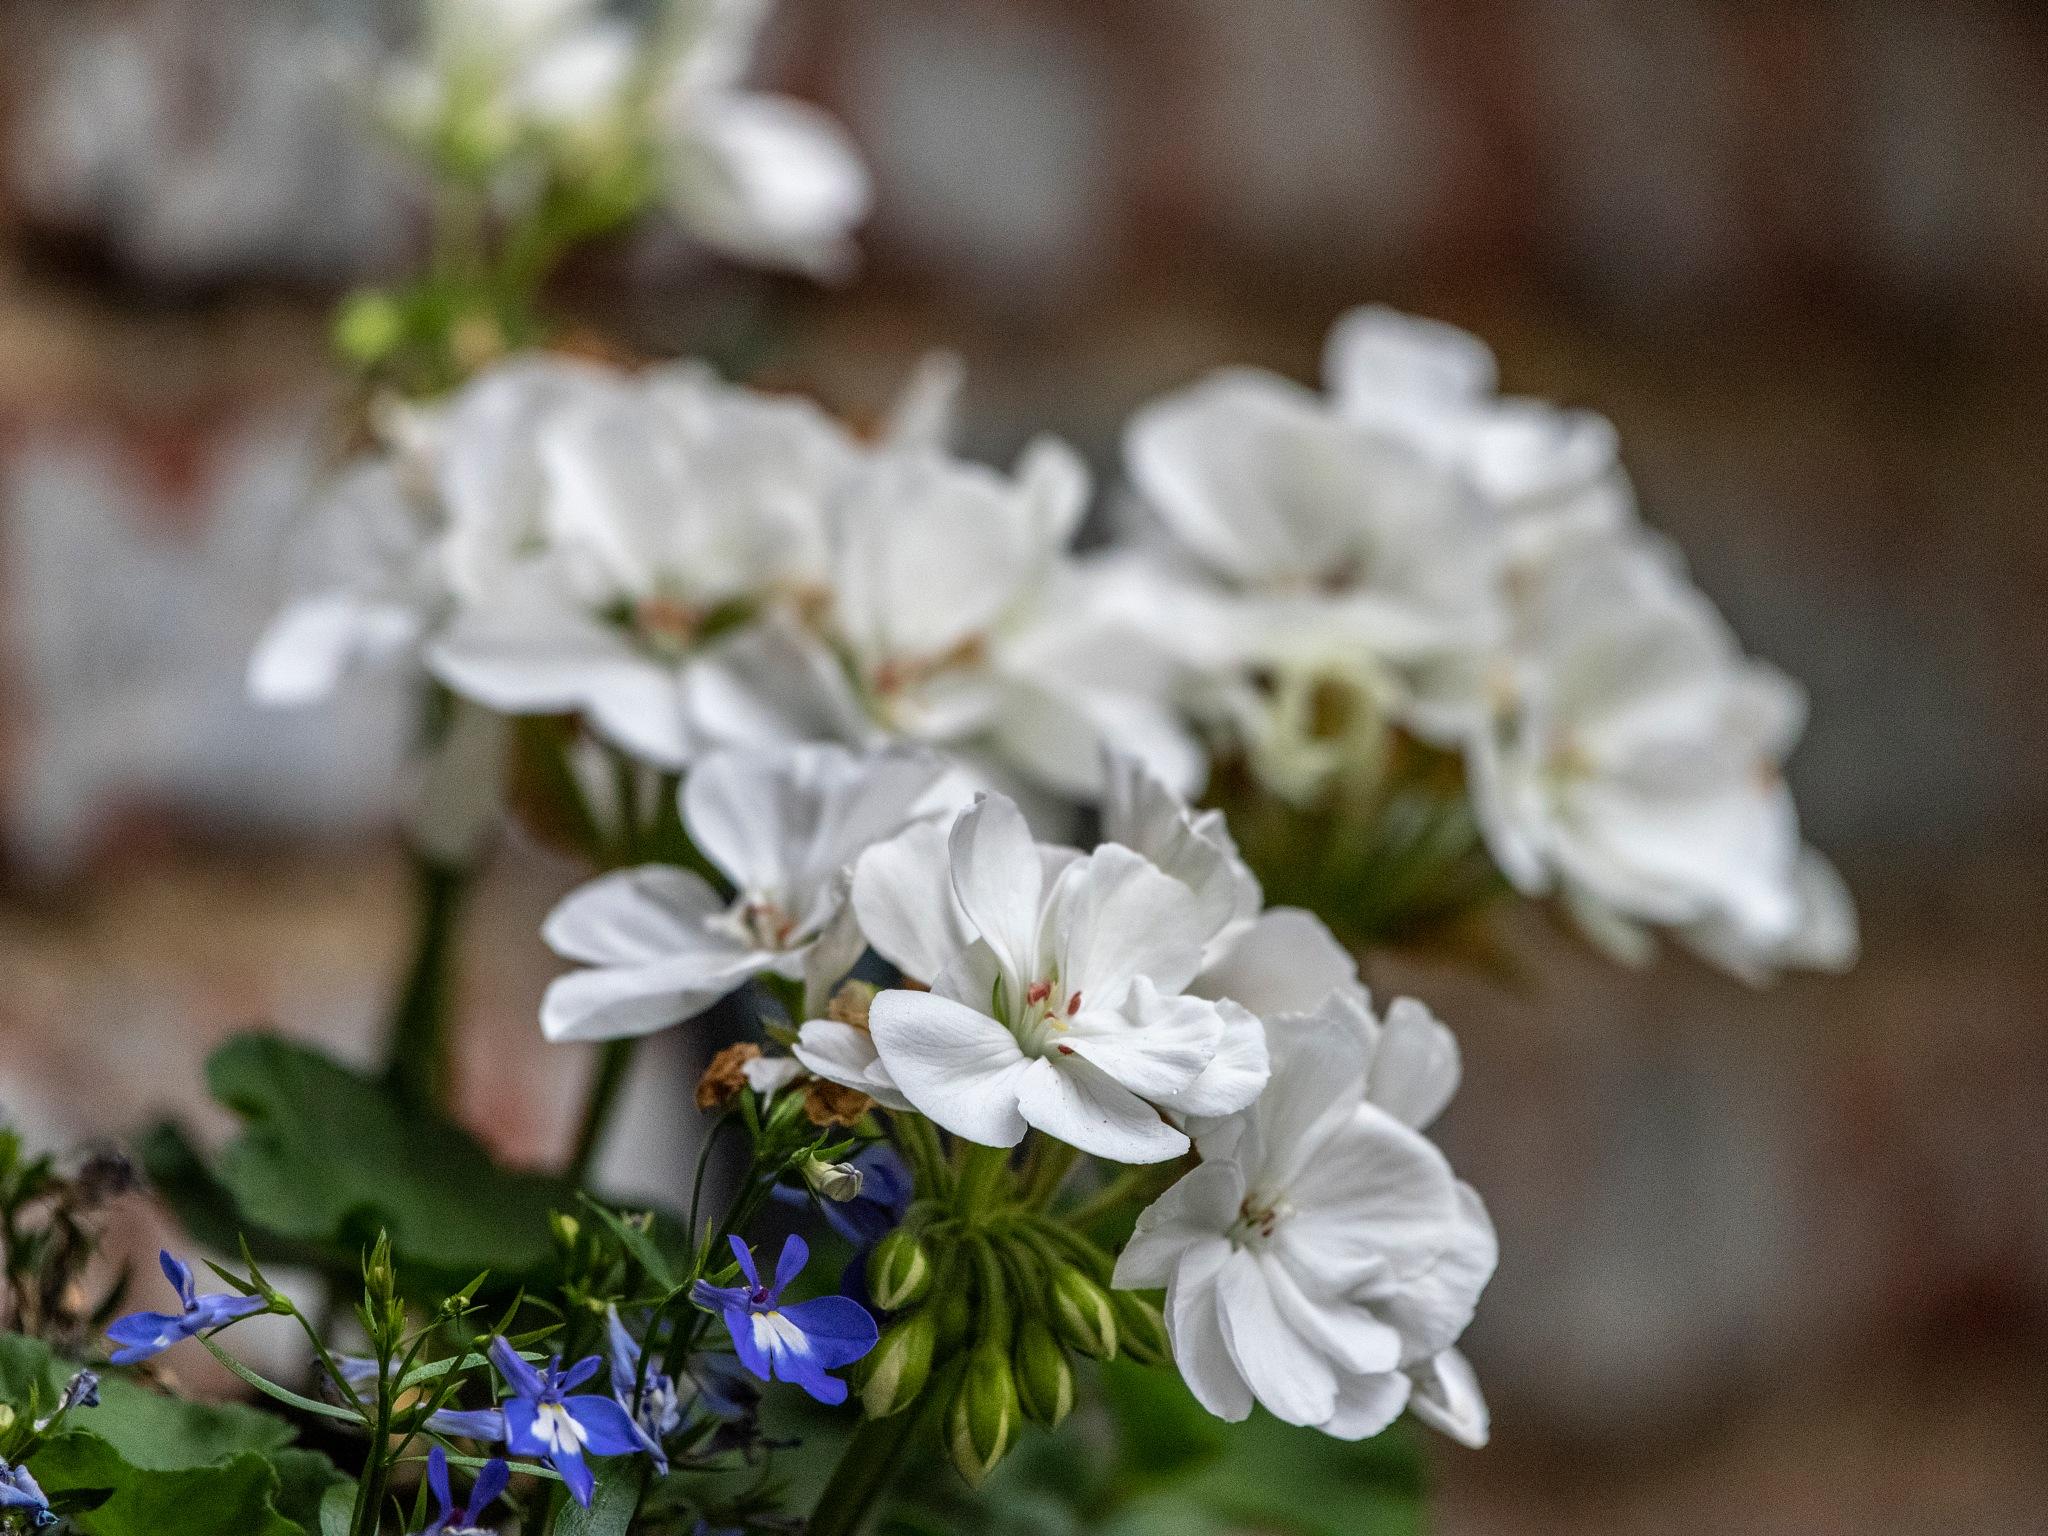 Flowers by Etienne de Maeyer